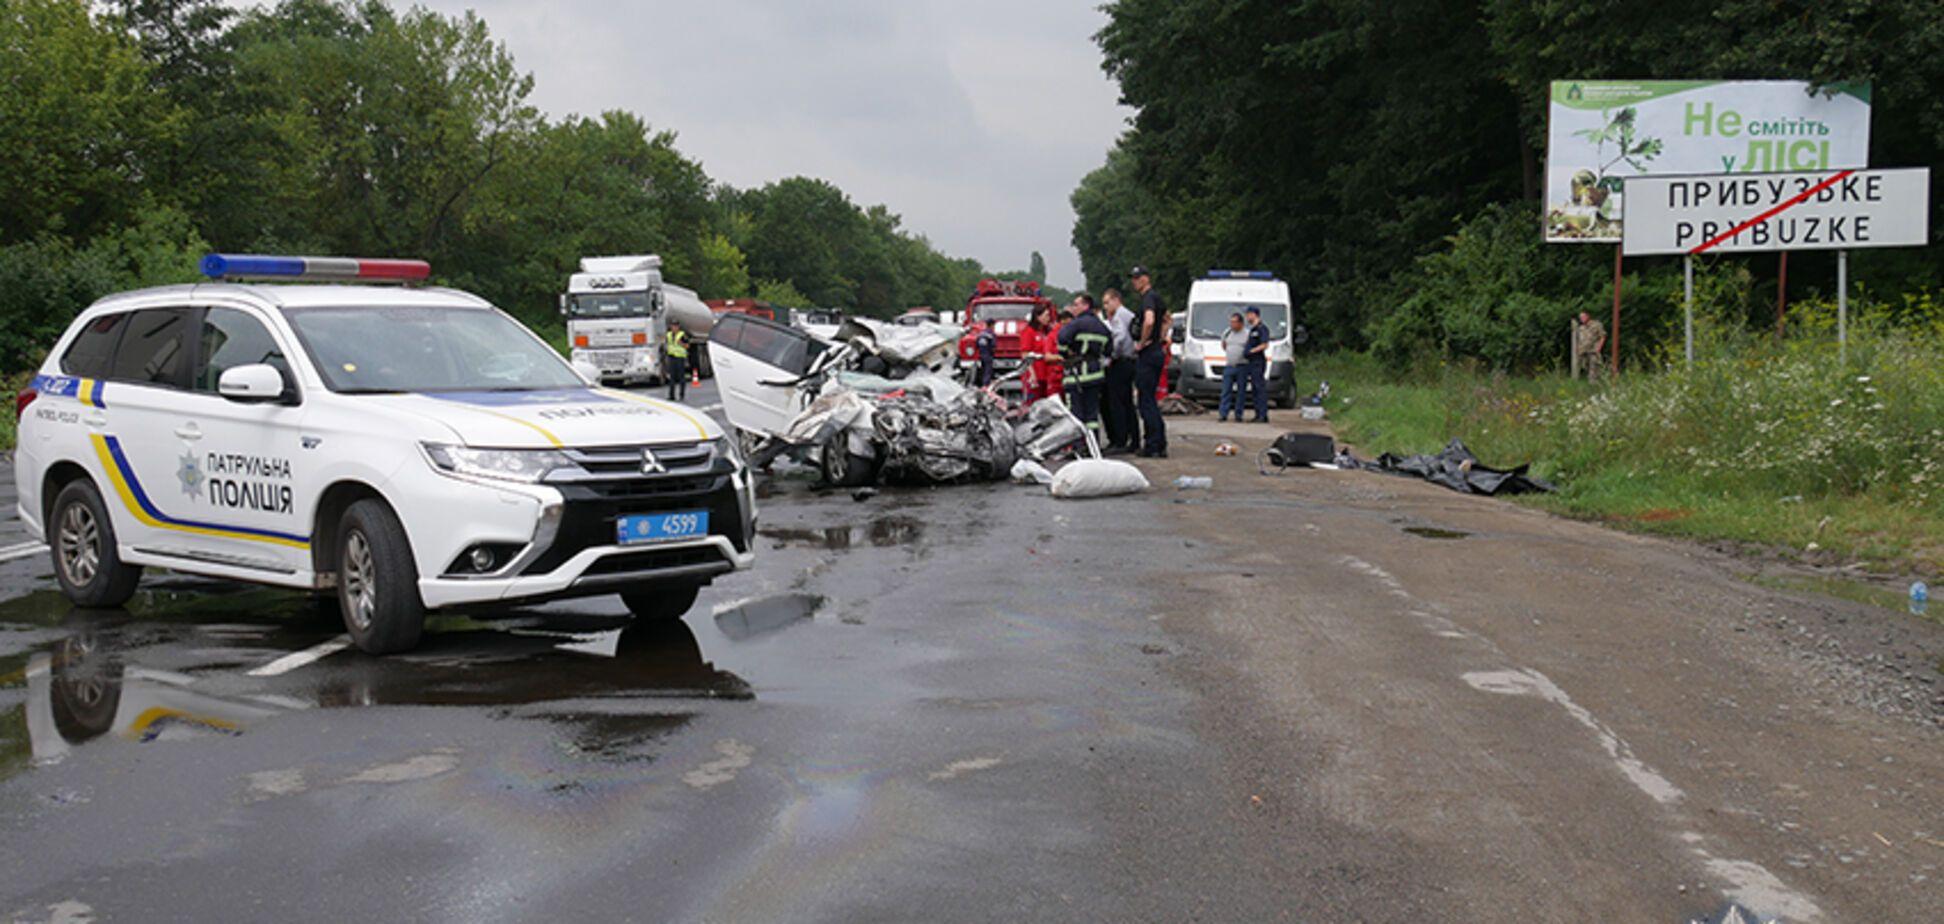 В жутком ДТП на Хмельниччине погиб ребенок и двое взрослых